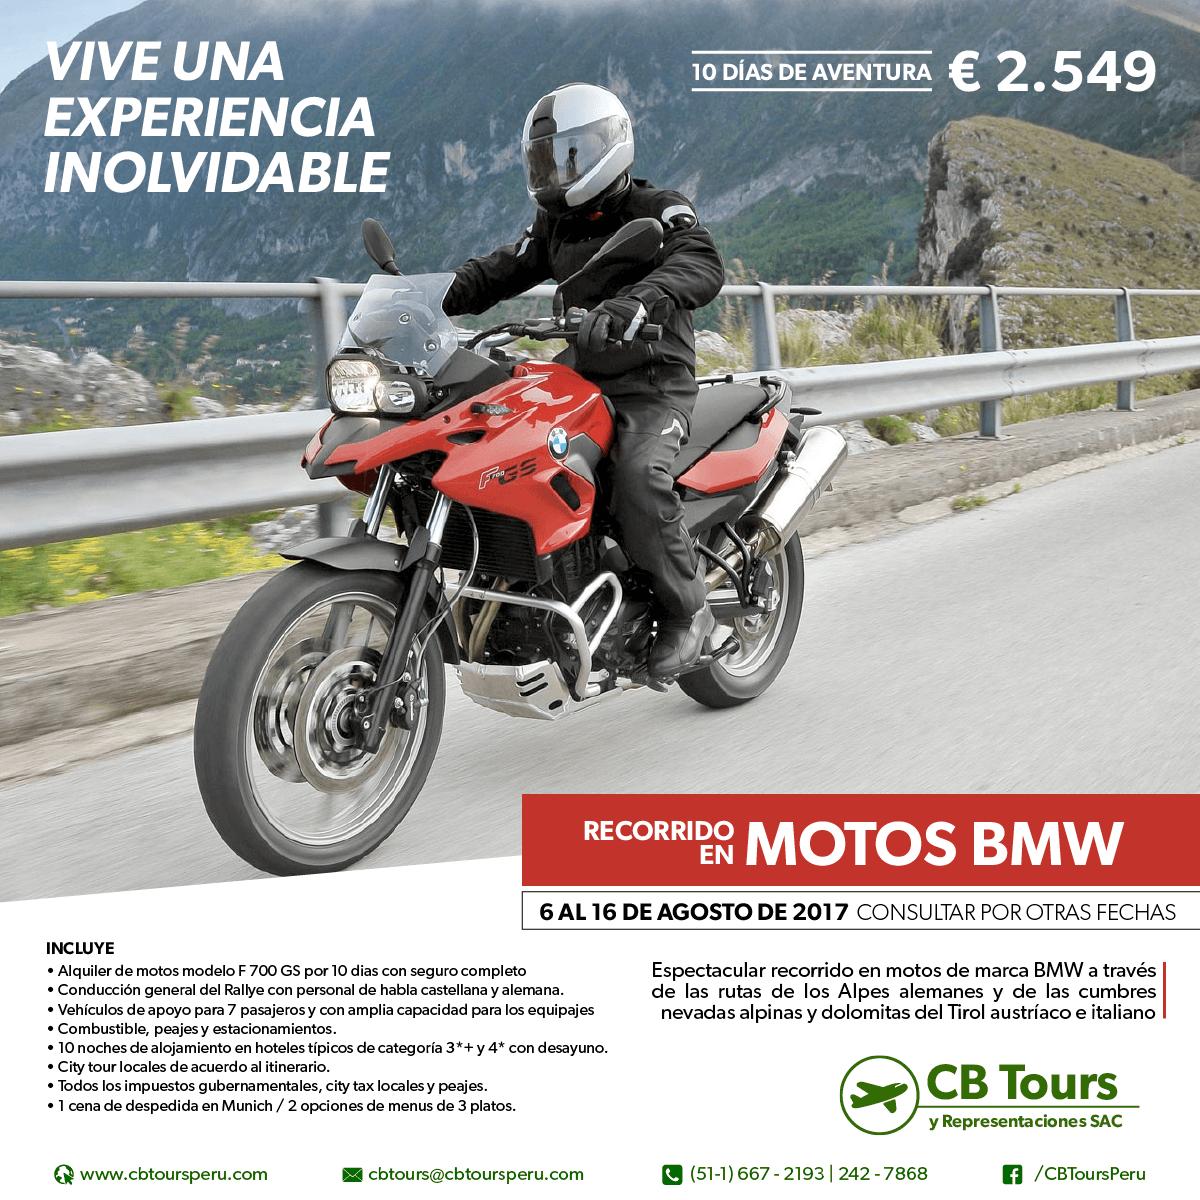 Tour en moto por los Alpes Alemanes, CB TOURS